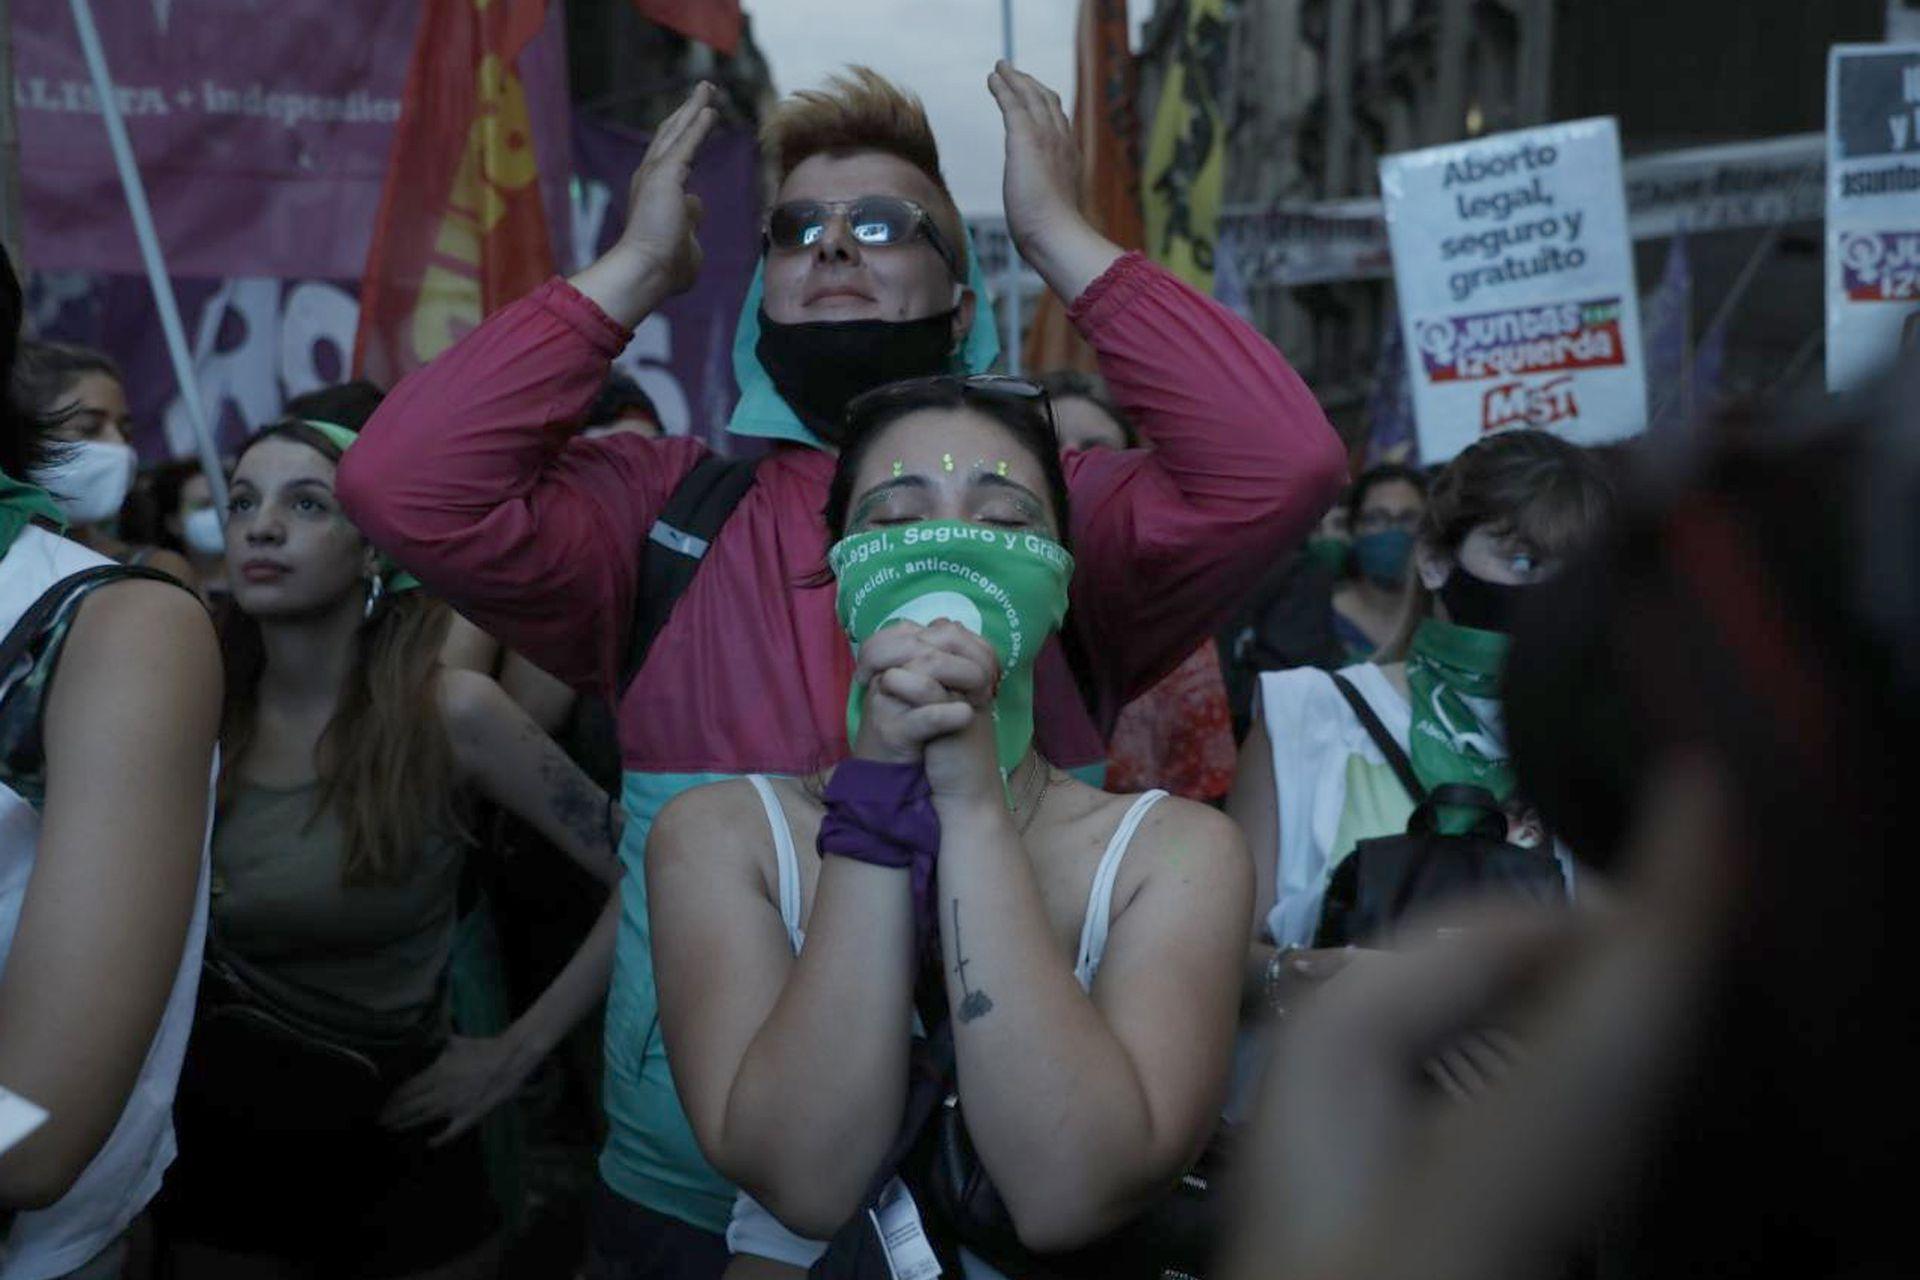 Vigilia en los alrededores del congreso mientras se define la votación ppor la ley del aborto